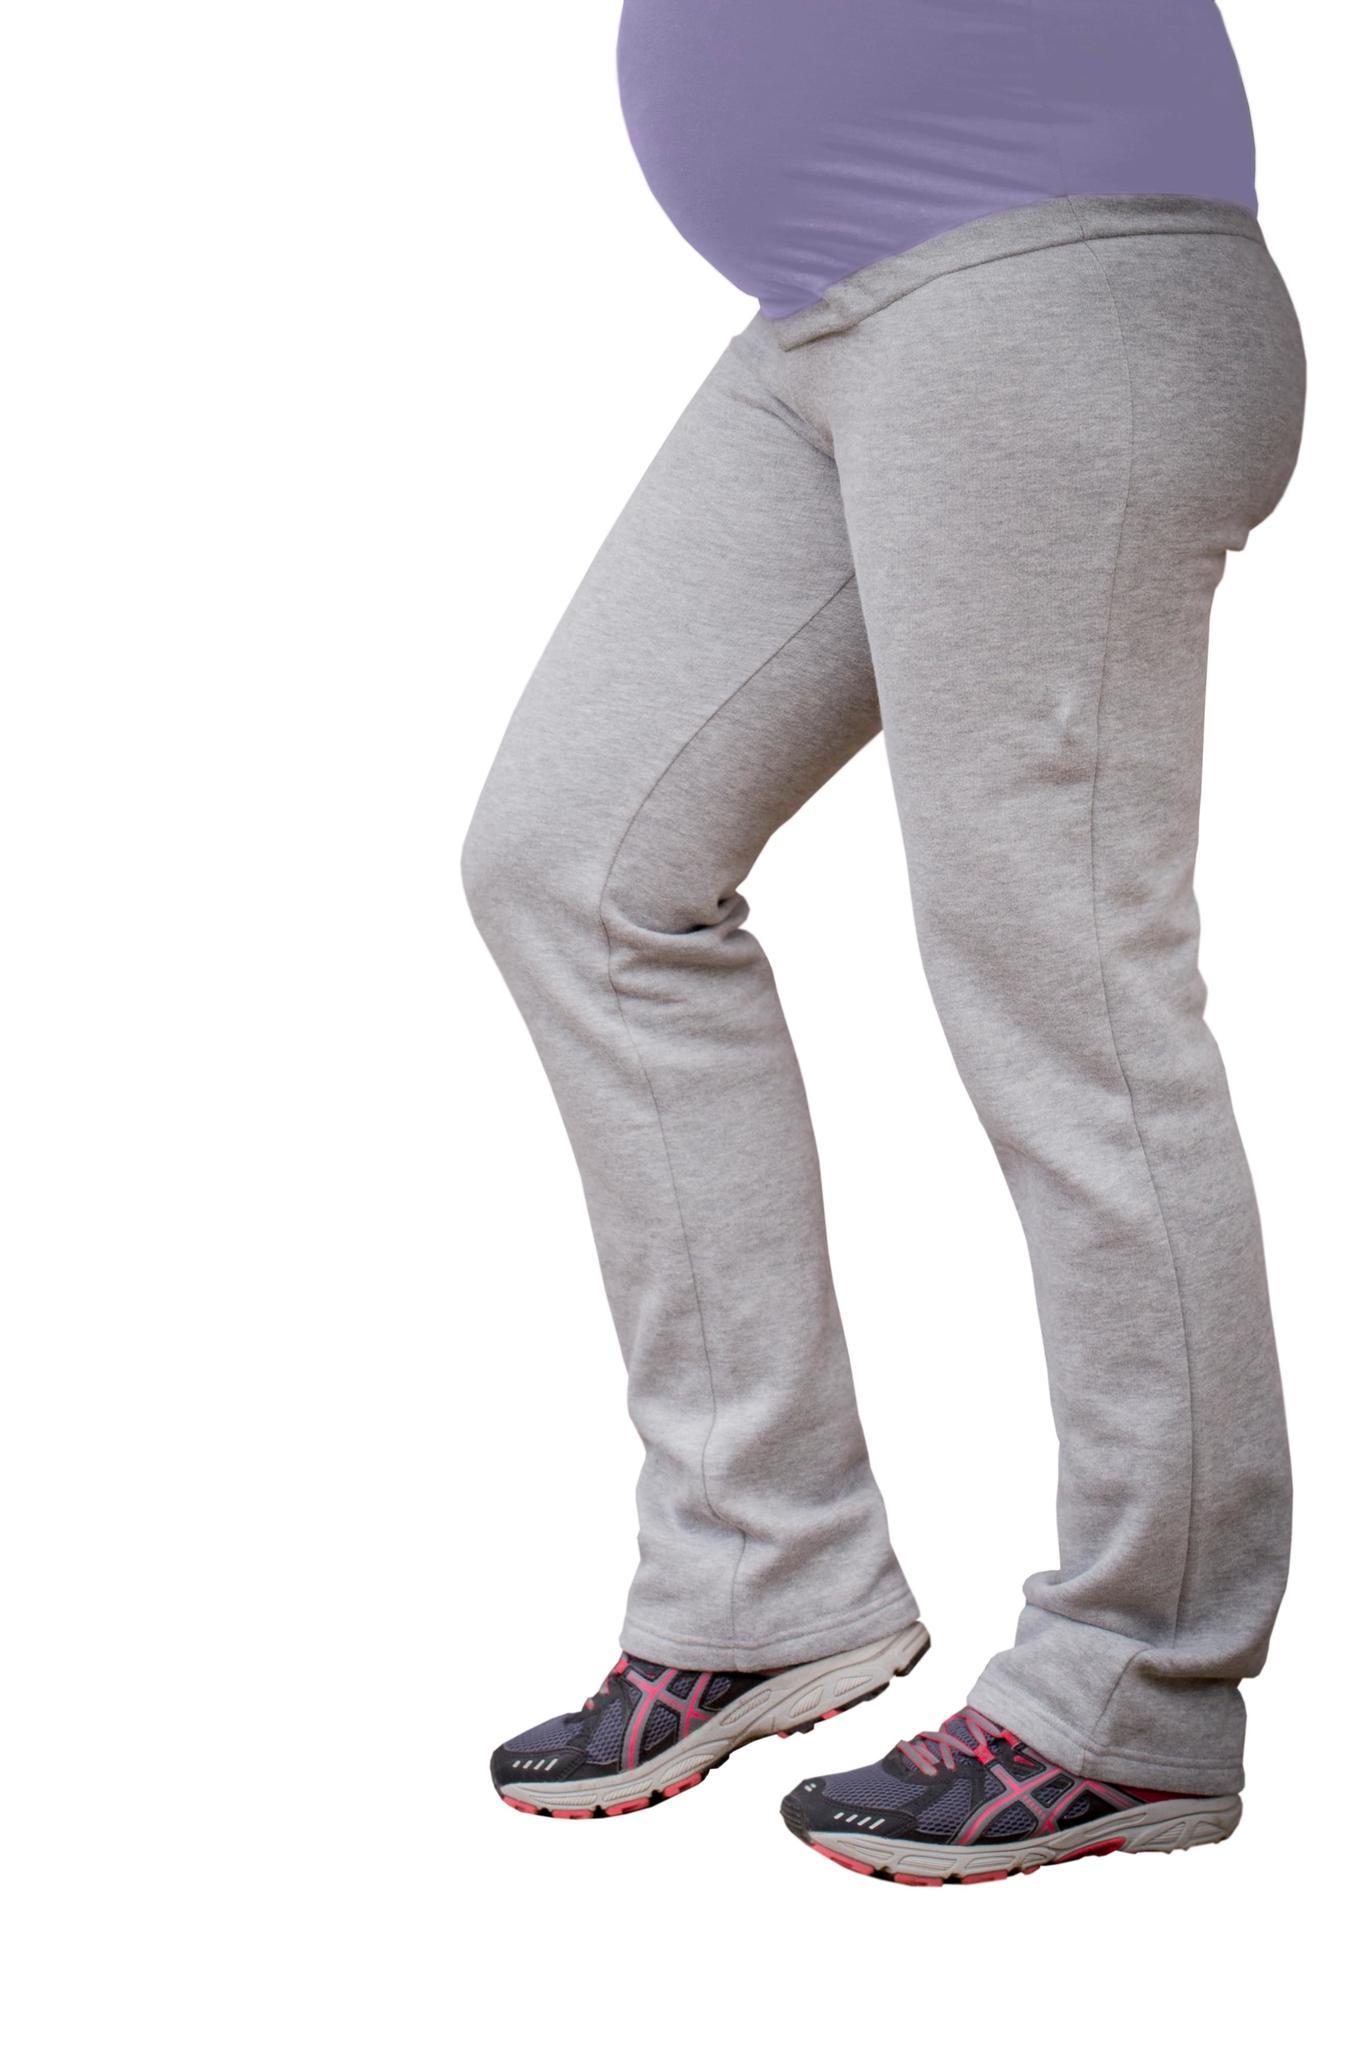 yogabroek grijs met paarse band